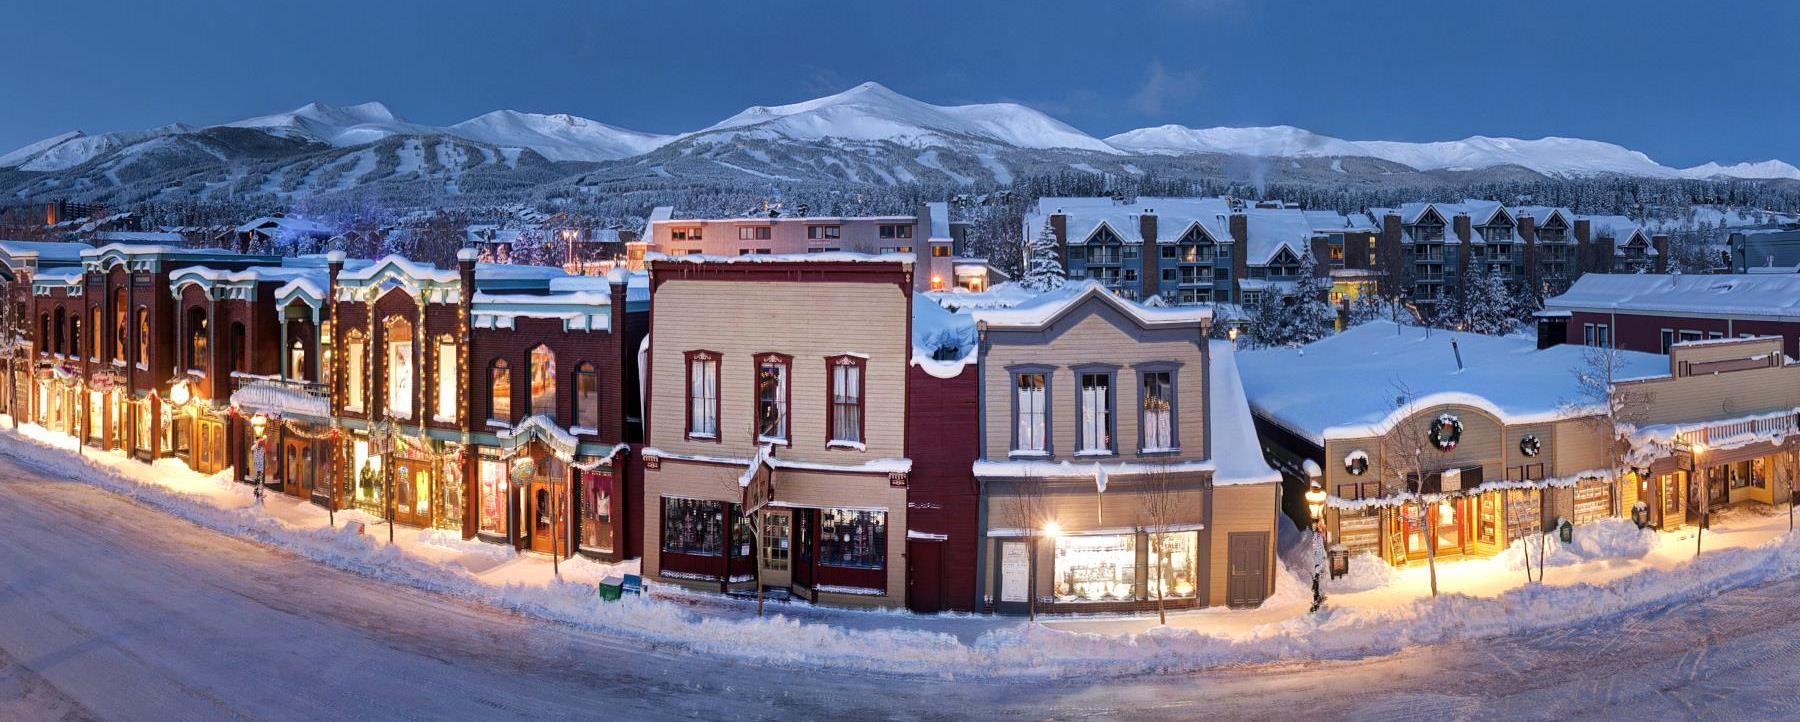 Het oudste ski resort van Amerika is Winter Park in de staat Colorado. Dit skigebied heeft veel zwarte afdalingen